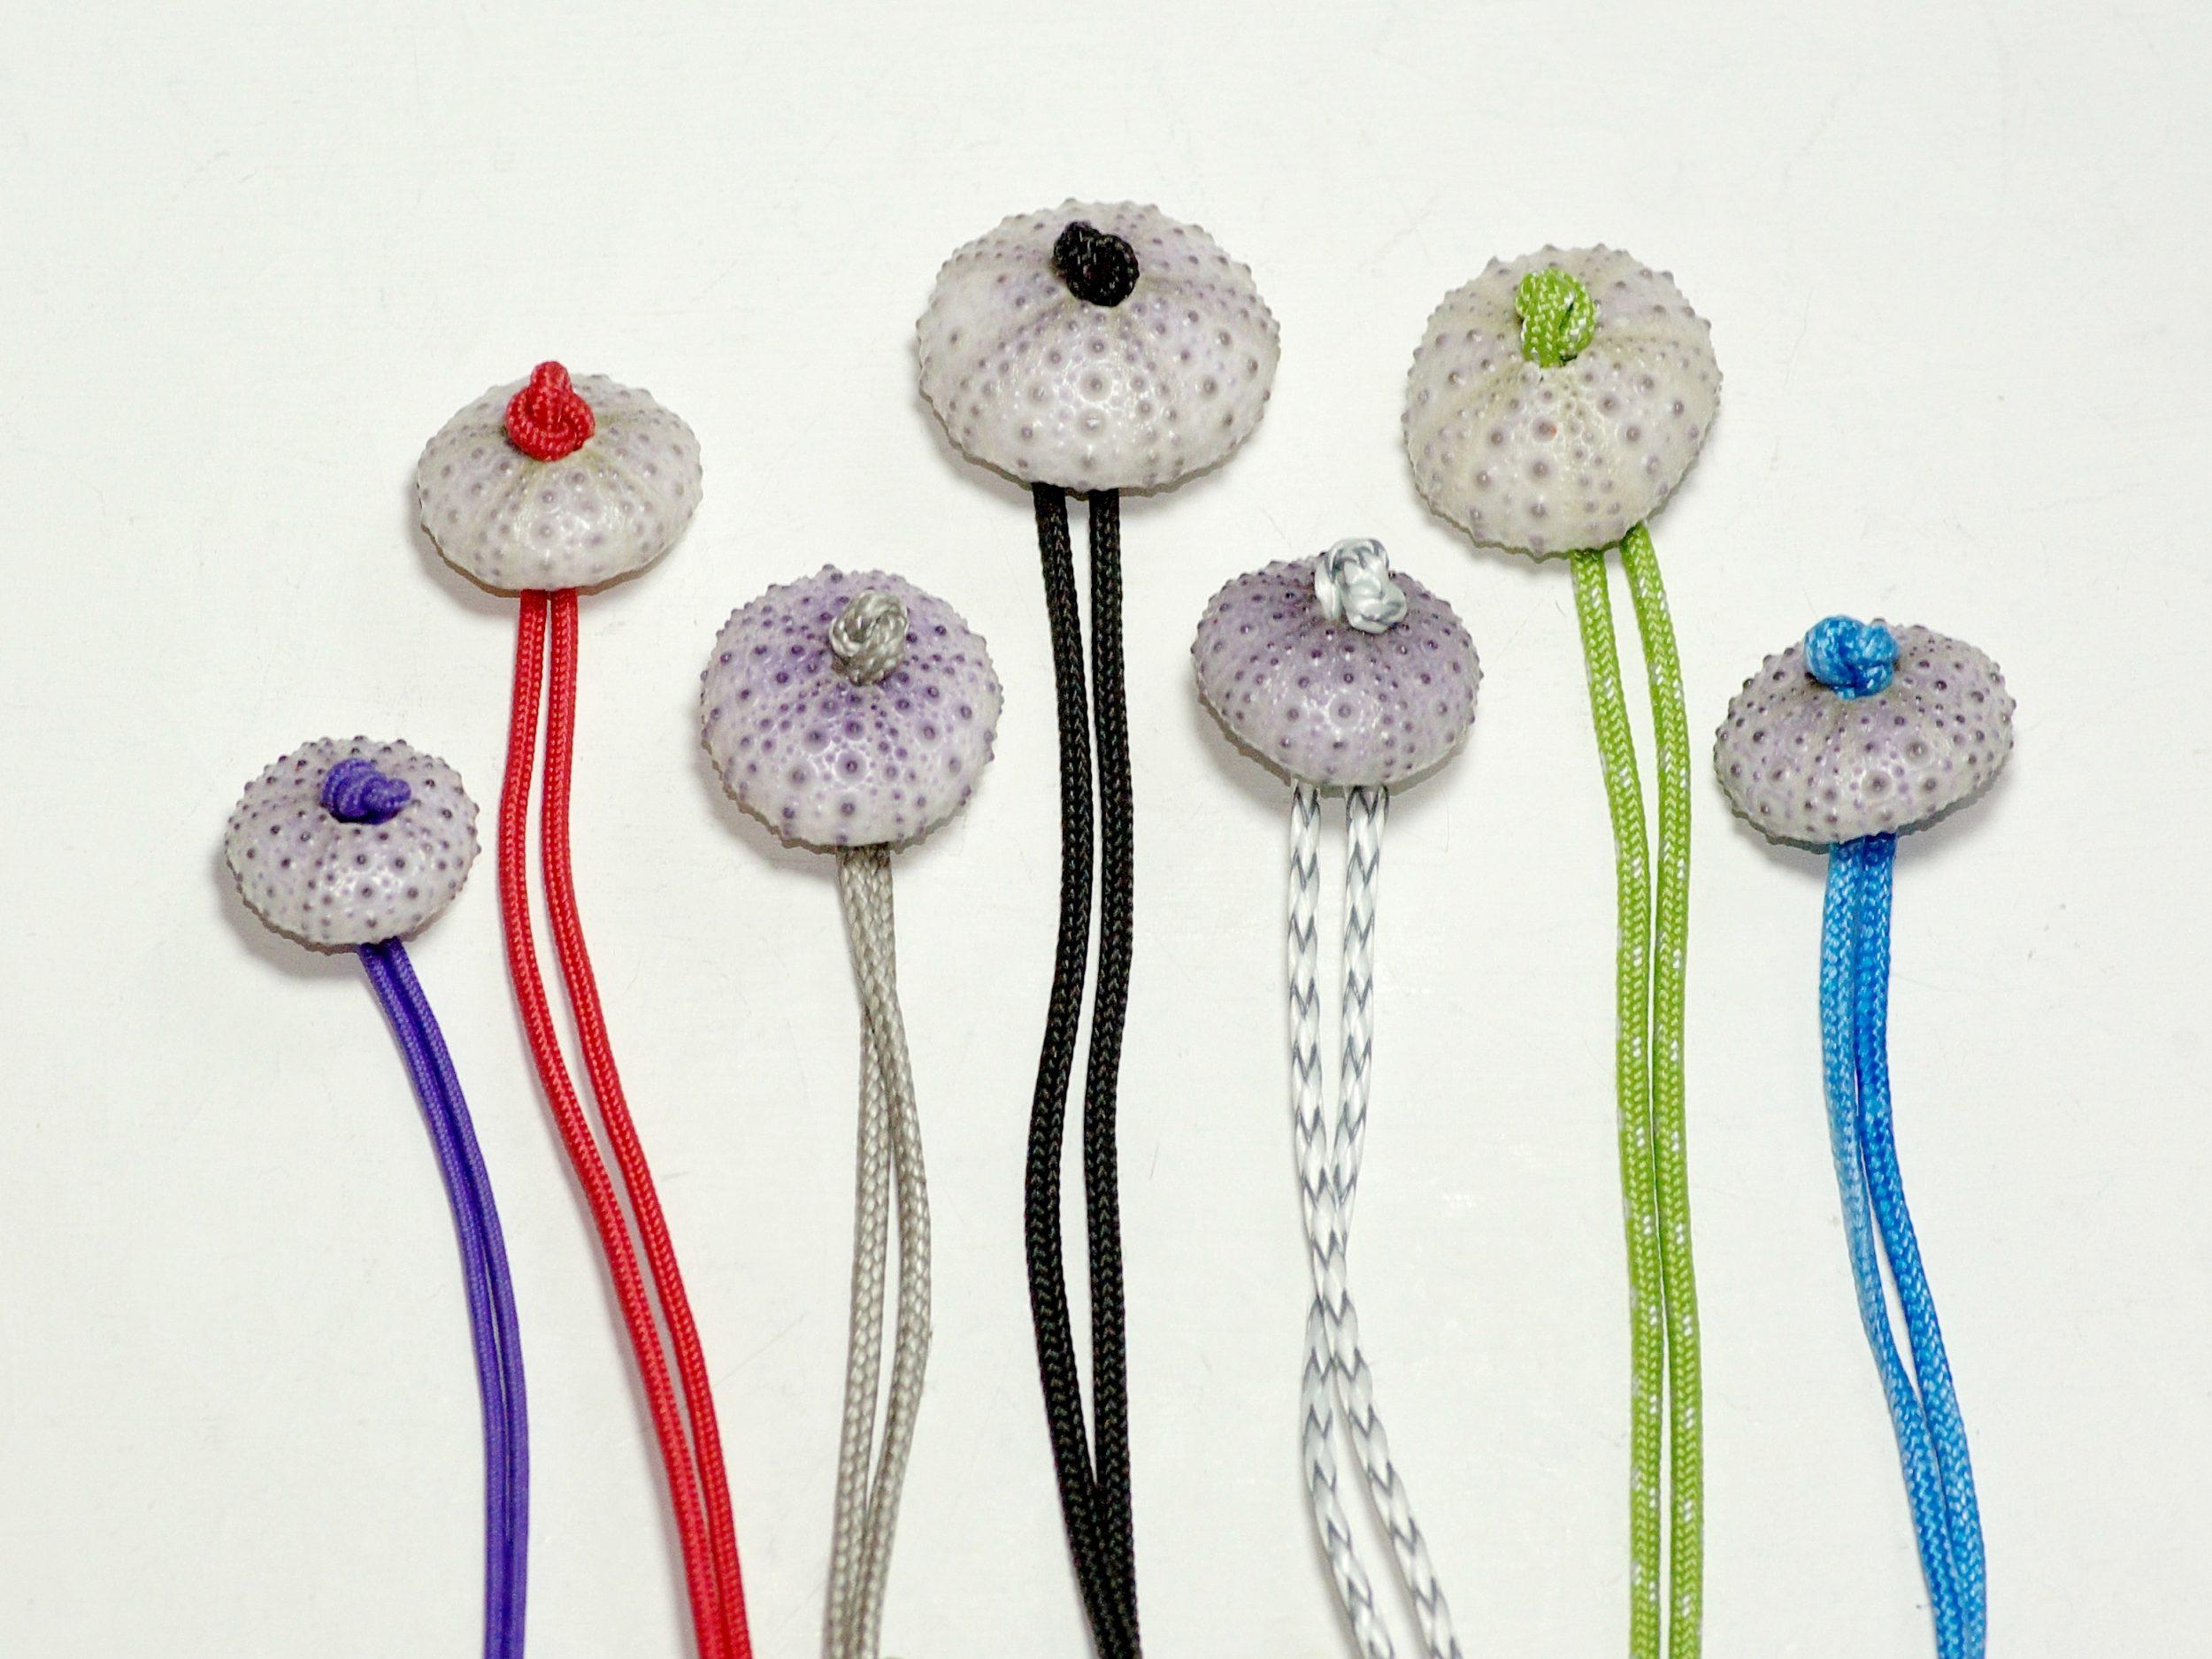 une collection de bracelets en bout marins de différentes couleurs et des oursins blancs